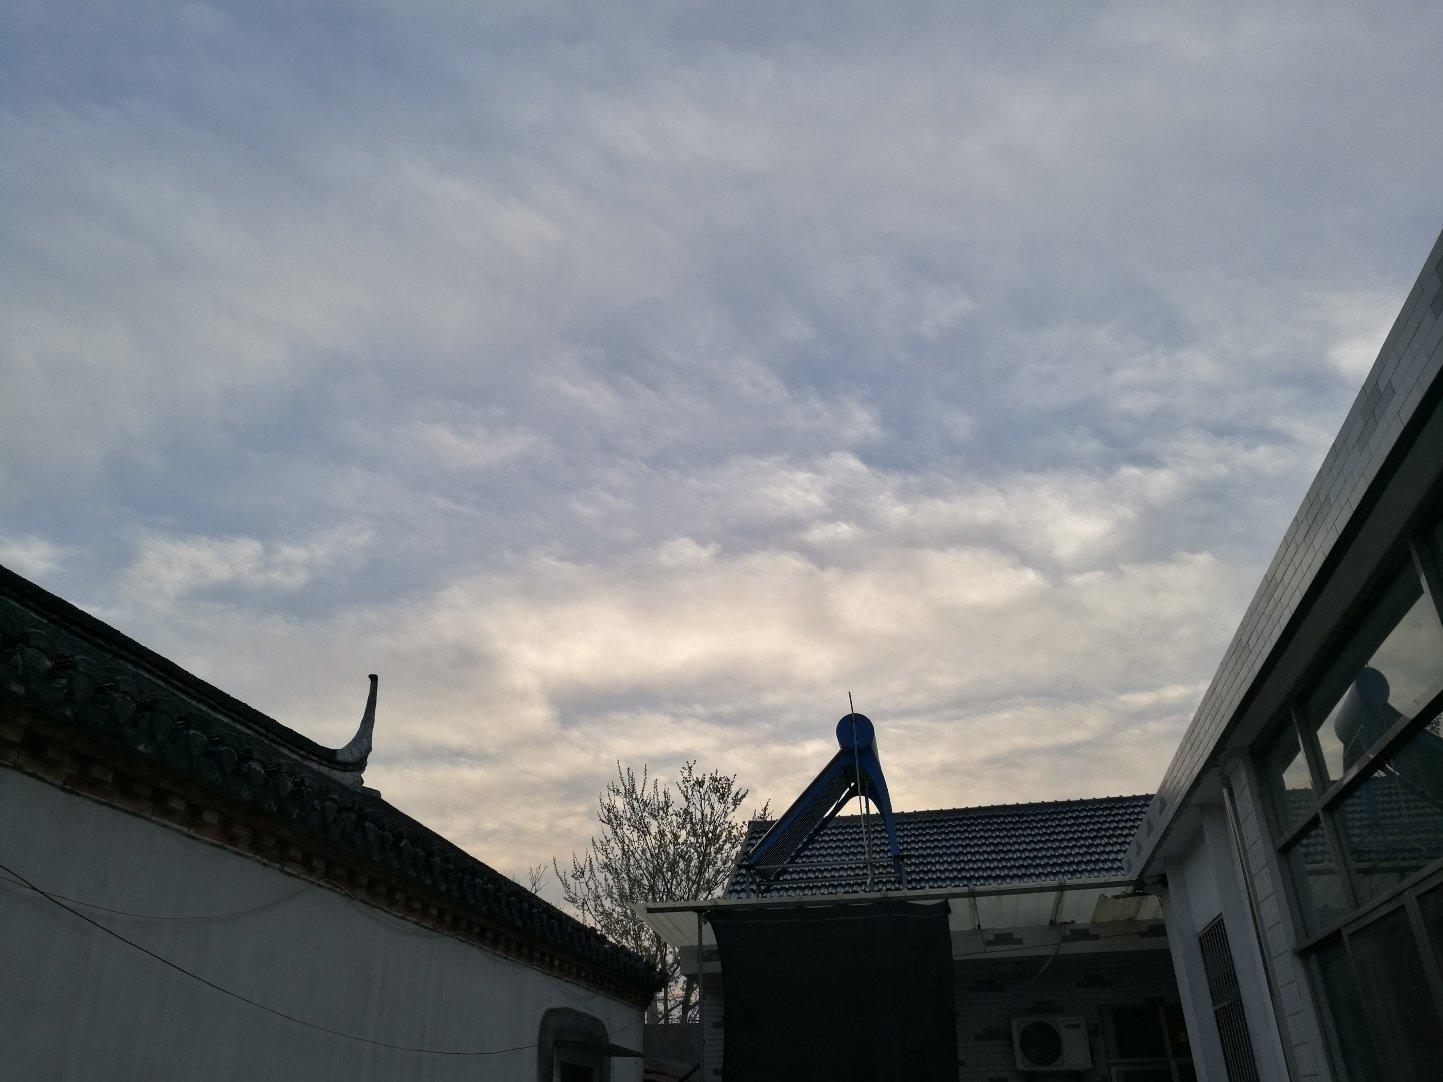 江苏省南通市如东县丰利镇周桥村天气预报